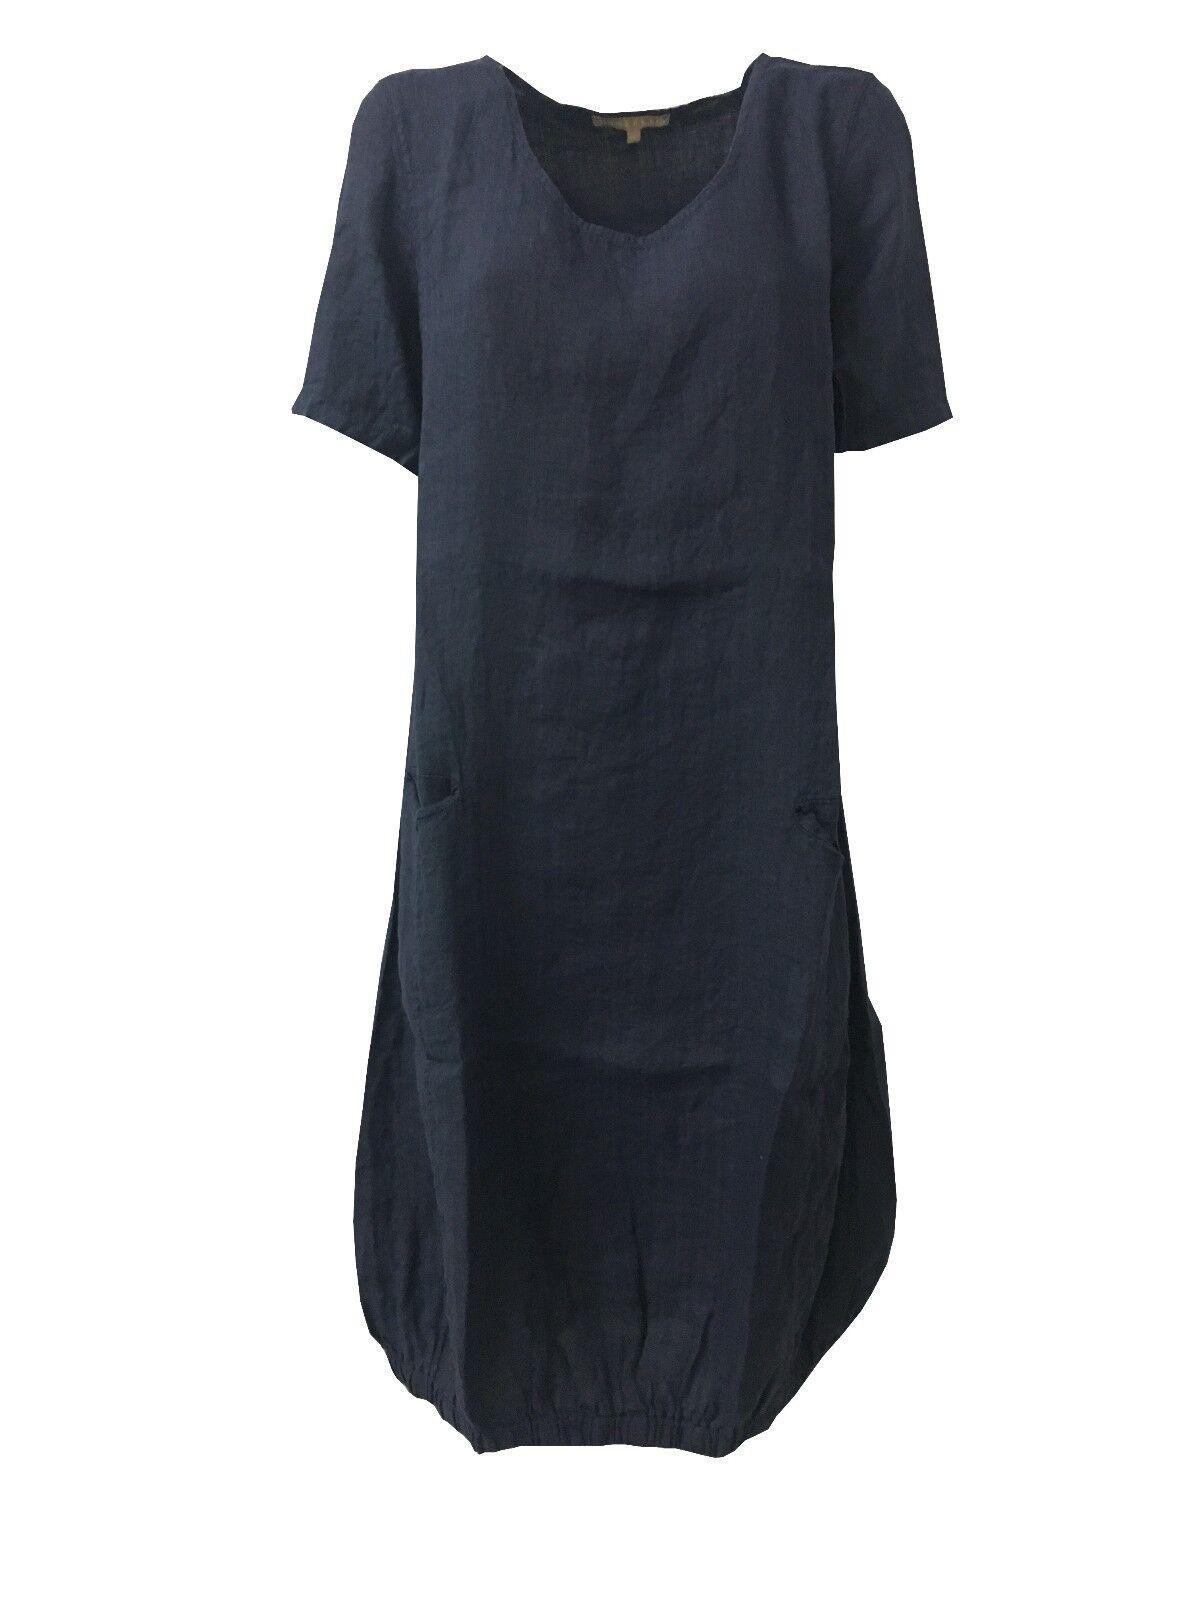 HUMILITY 1949 Kleid Frau Kurze Ärmel mit Taschen Vorderseite HA6077